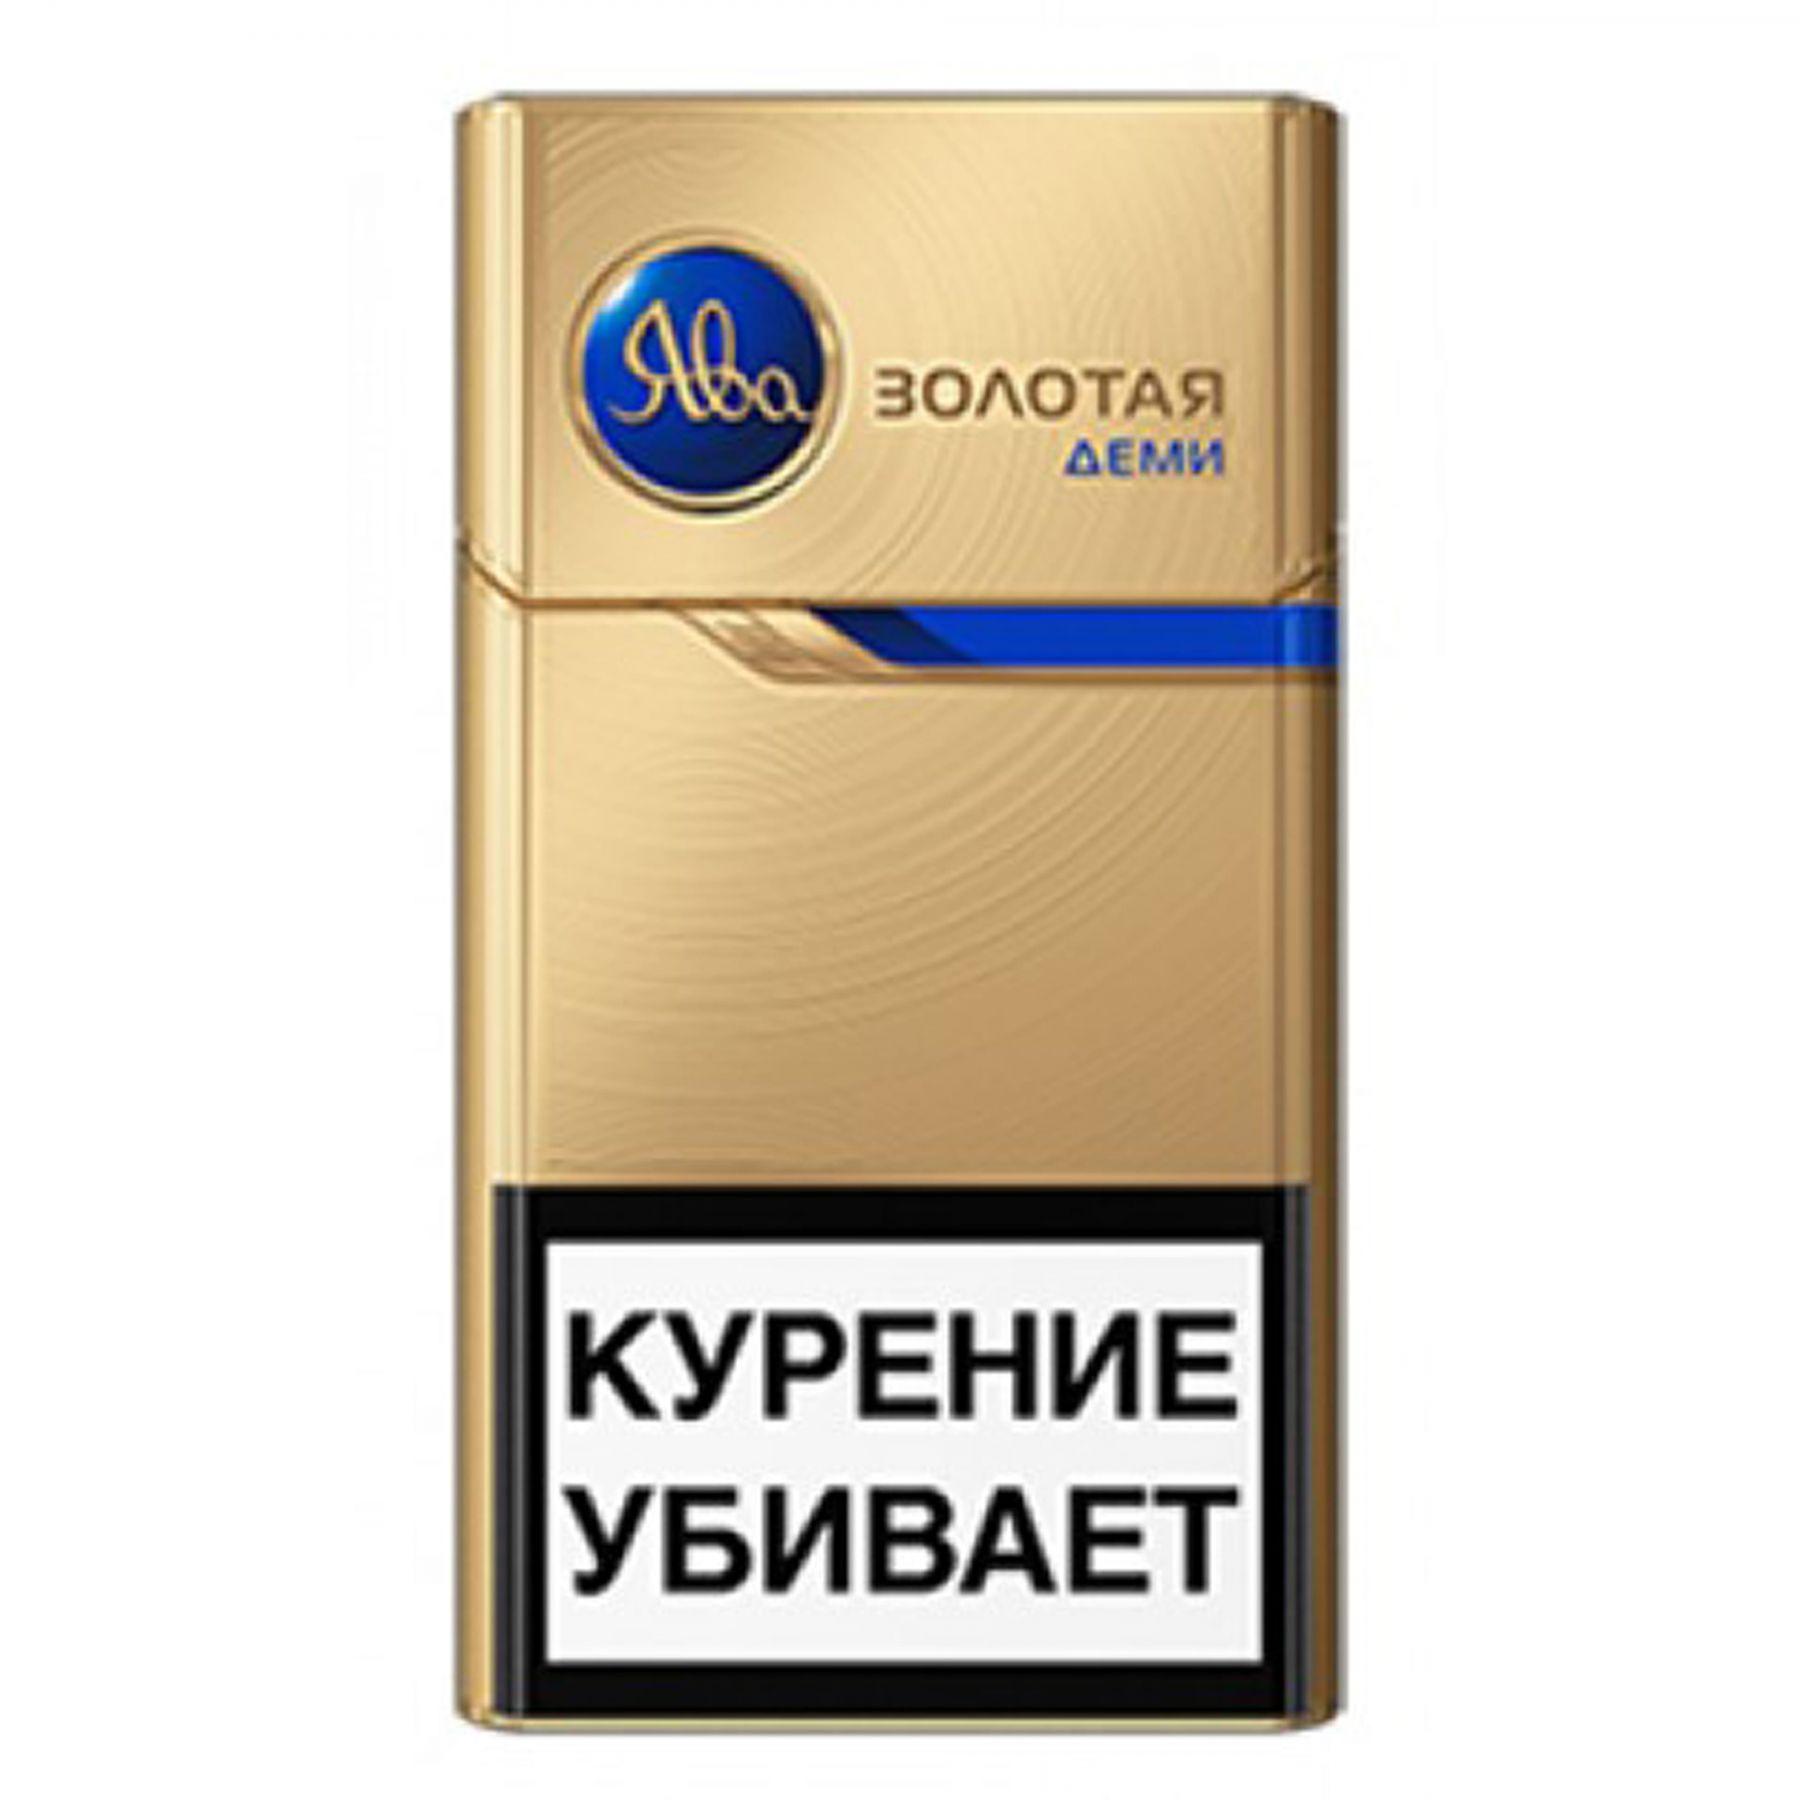 Сигареты ява золотая купить в спб fizzy электронная сигарета купить 800 затяжек